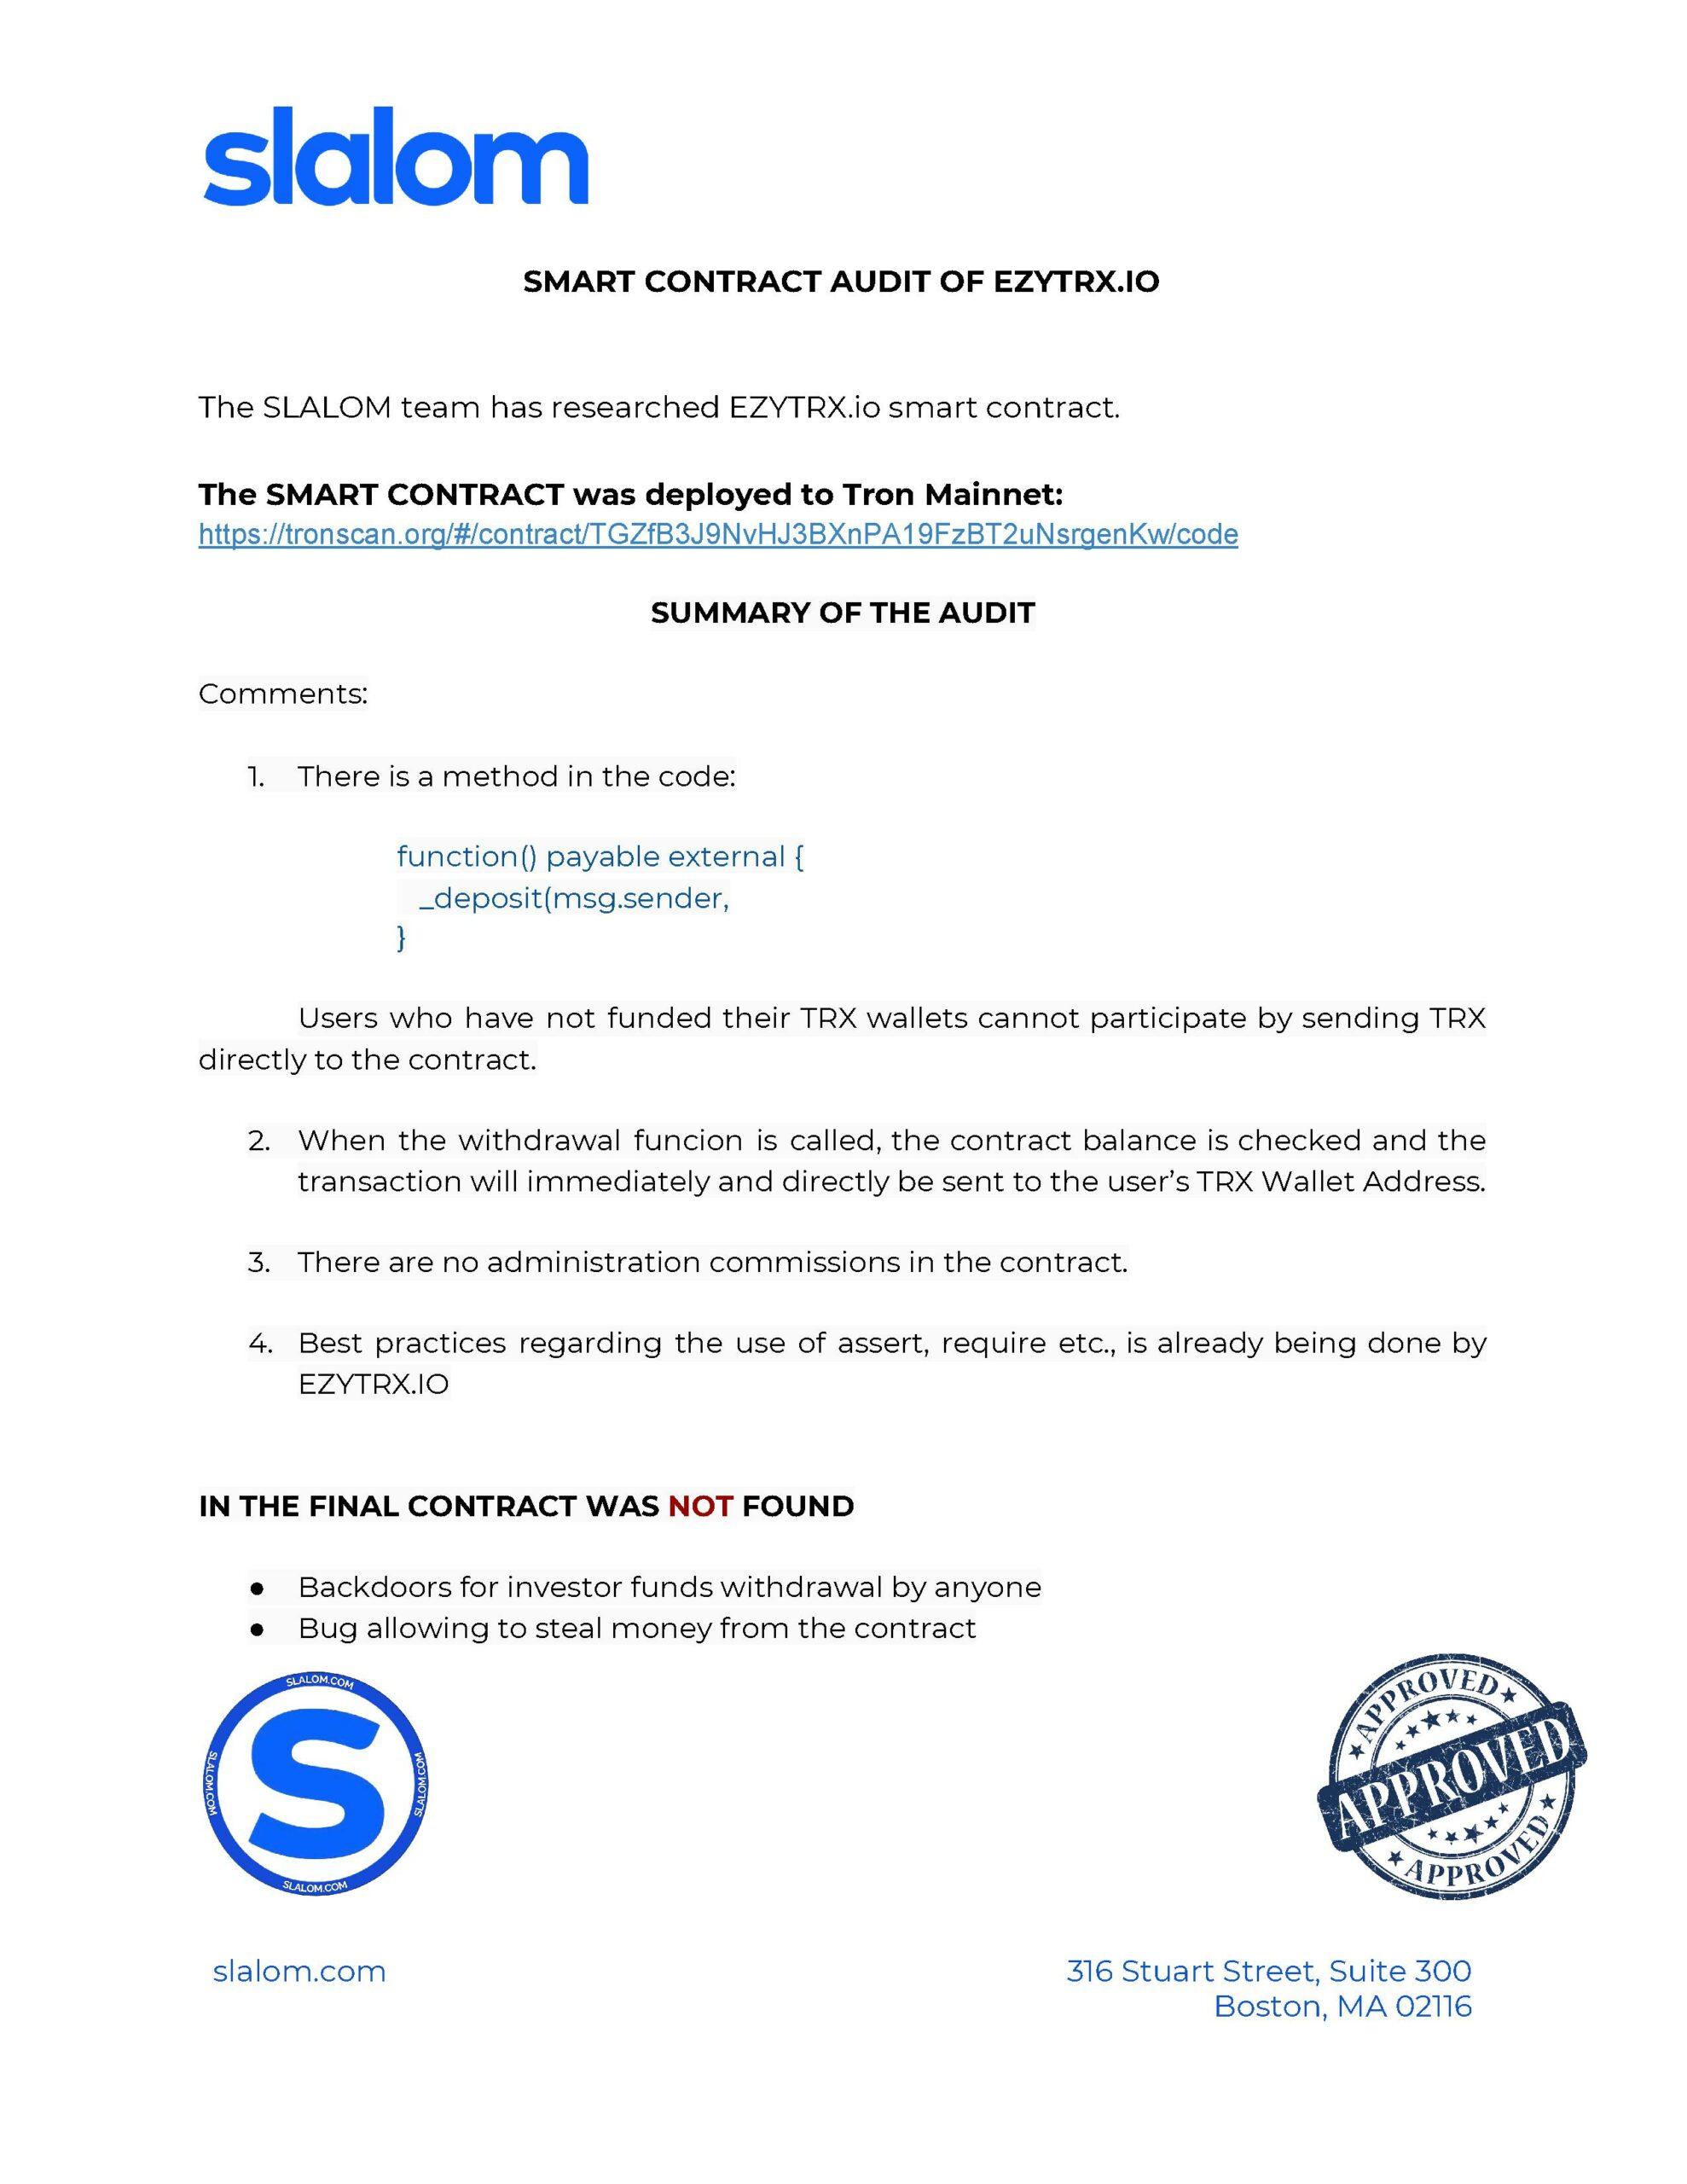 EZYTRX Audit Report Conclusion scaled